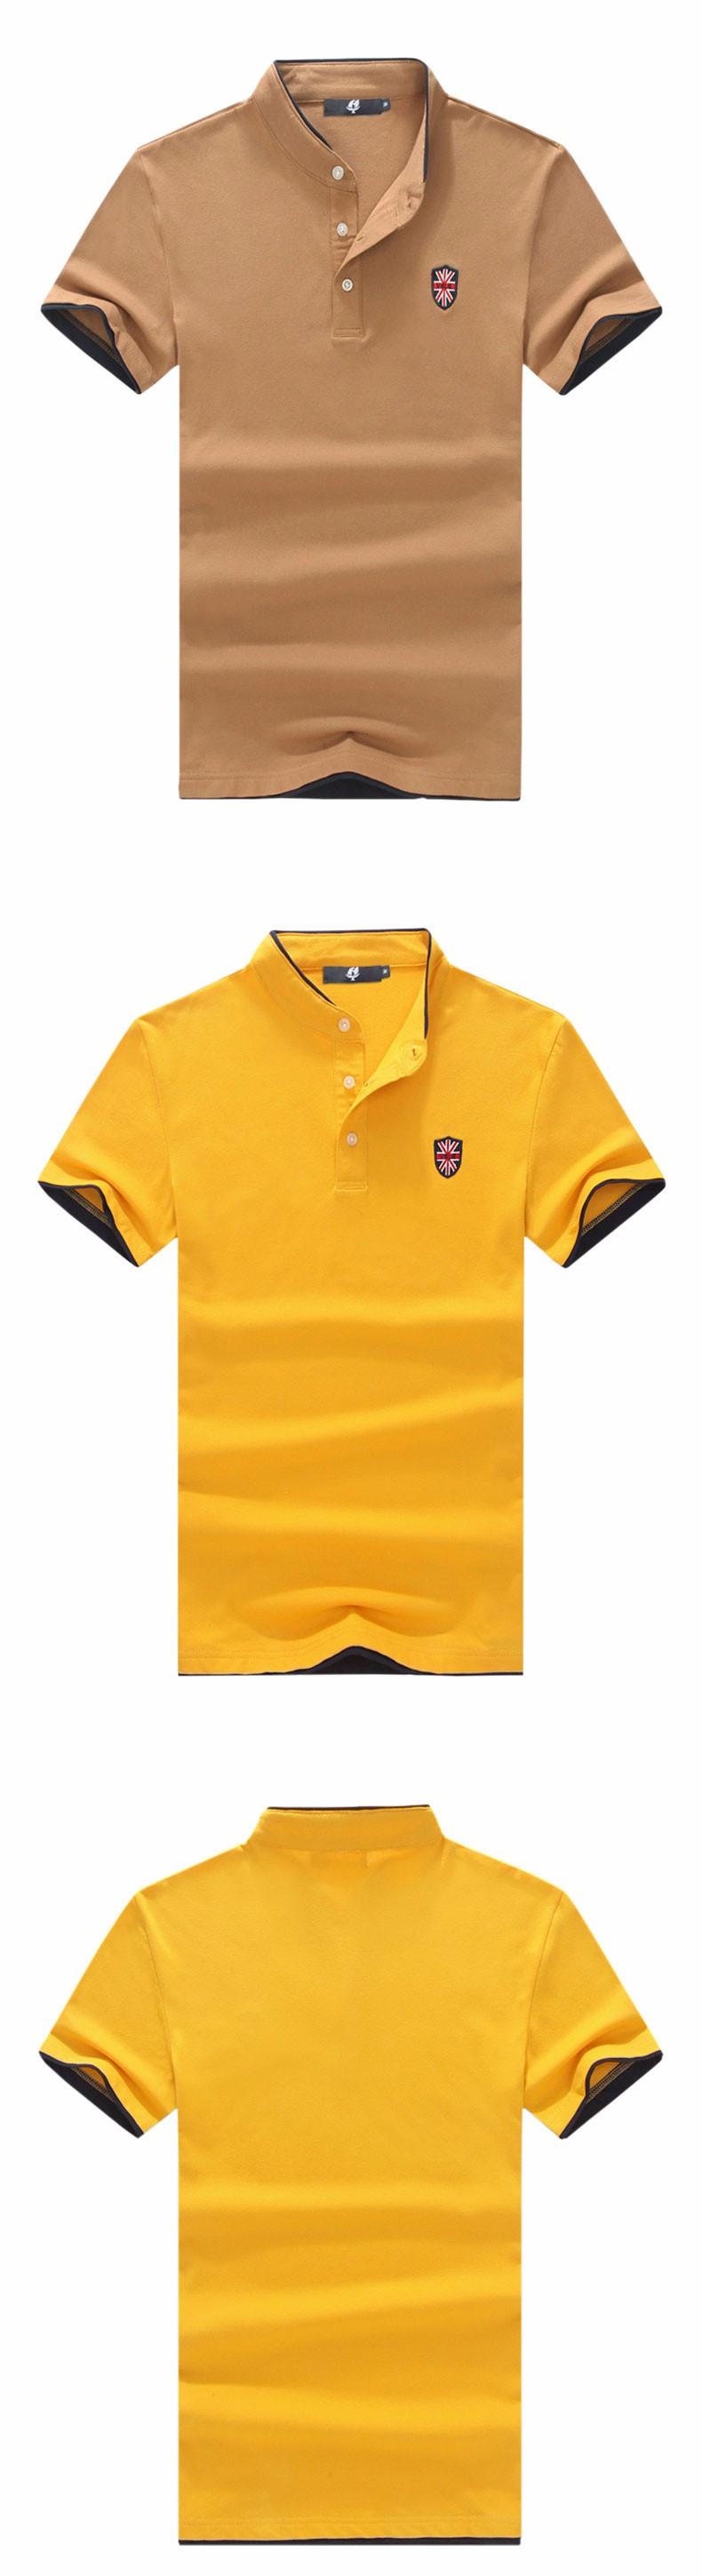 polo-shirt-197170-03